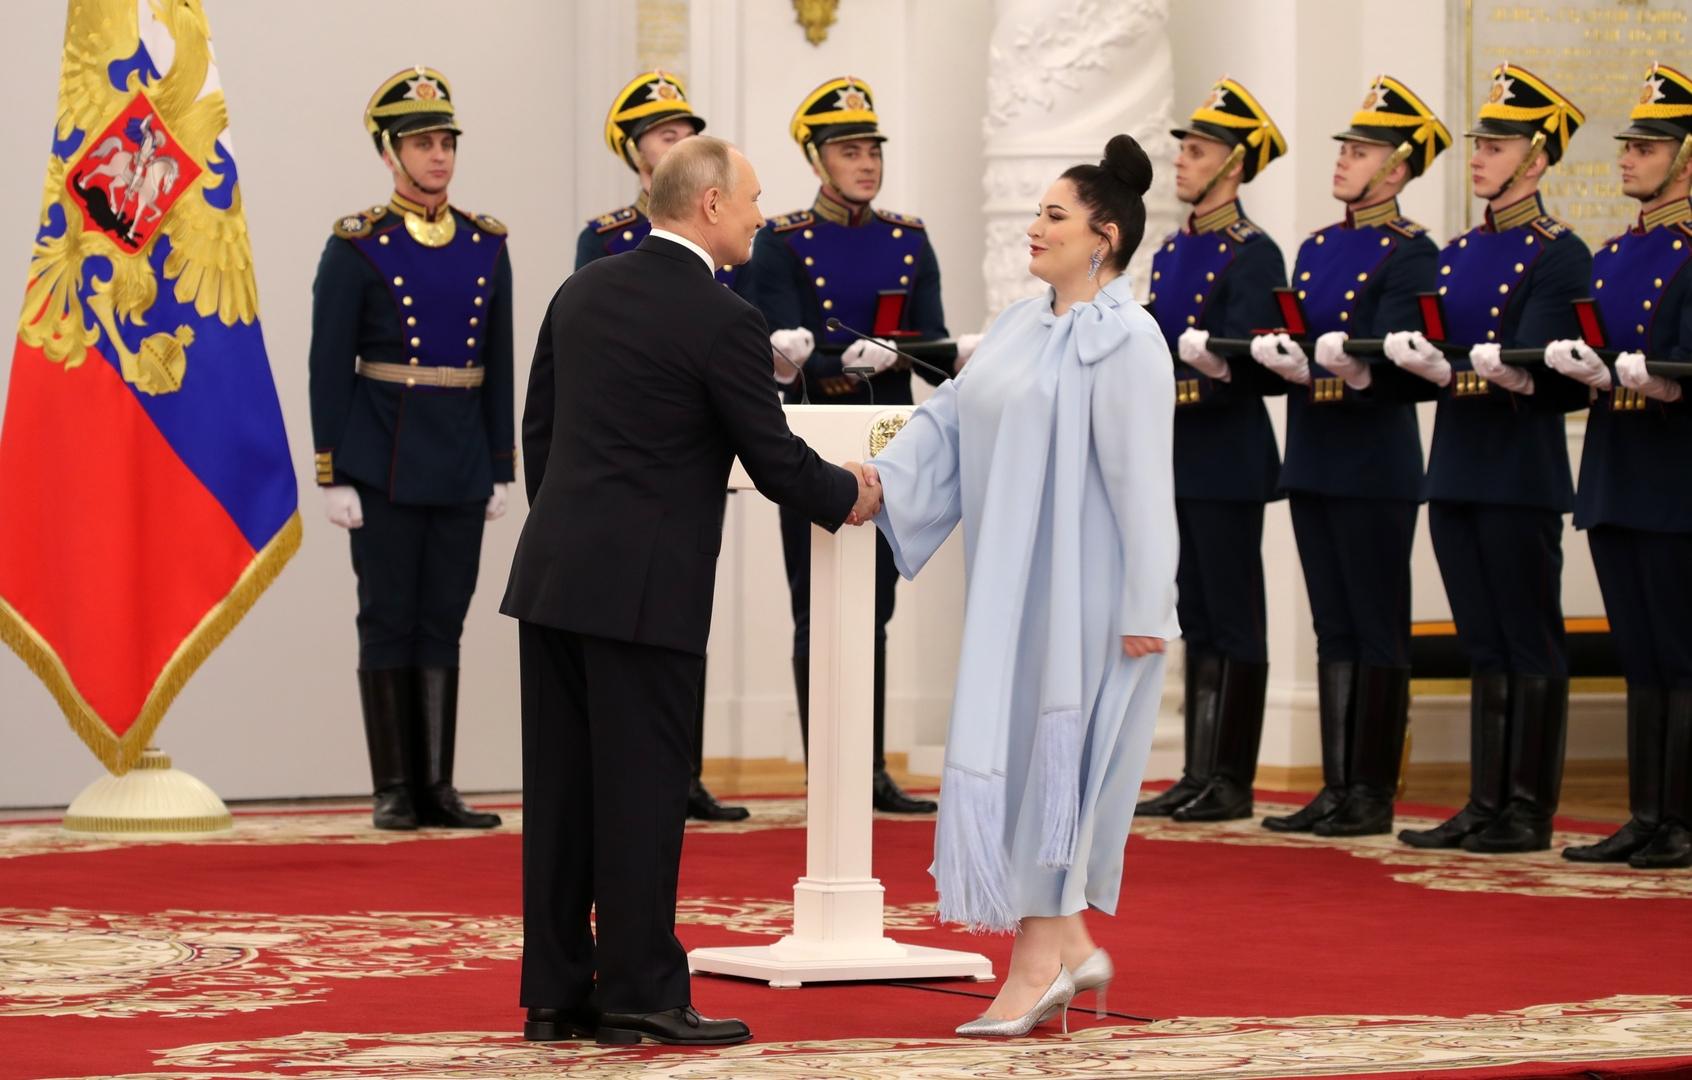 الرئيس الروسي فلاديمير بوتين ومغنية الأوبرا هيبلا غيرزمافا في الكرملين